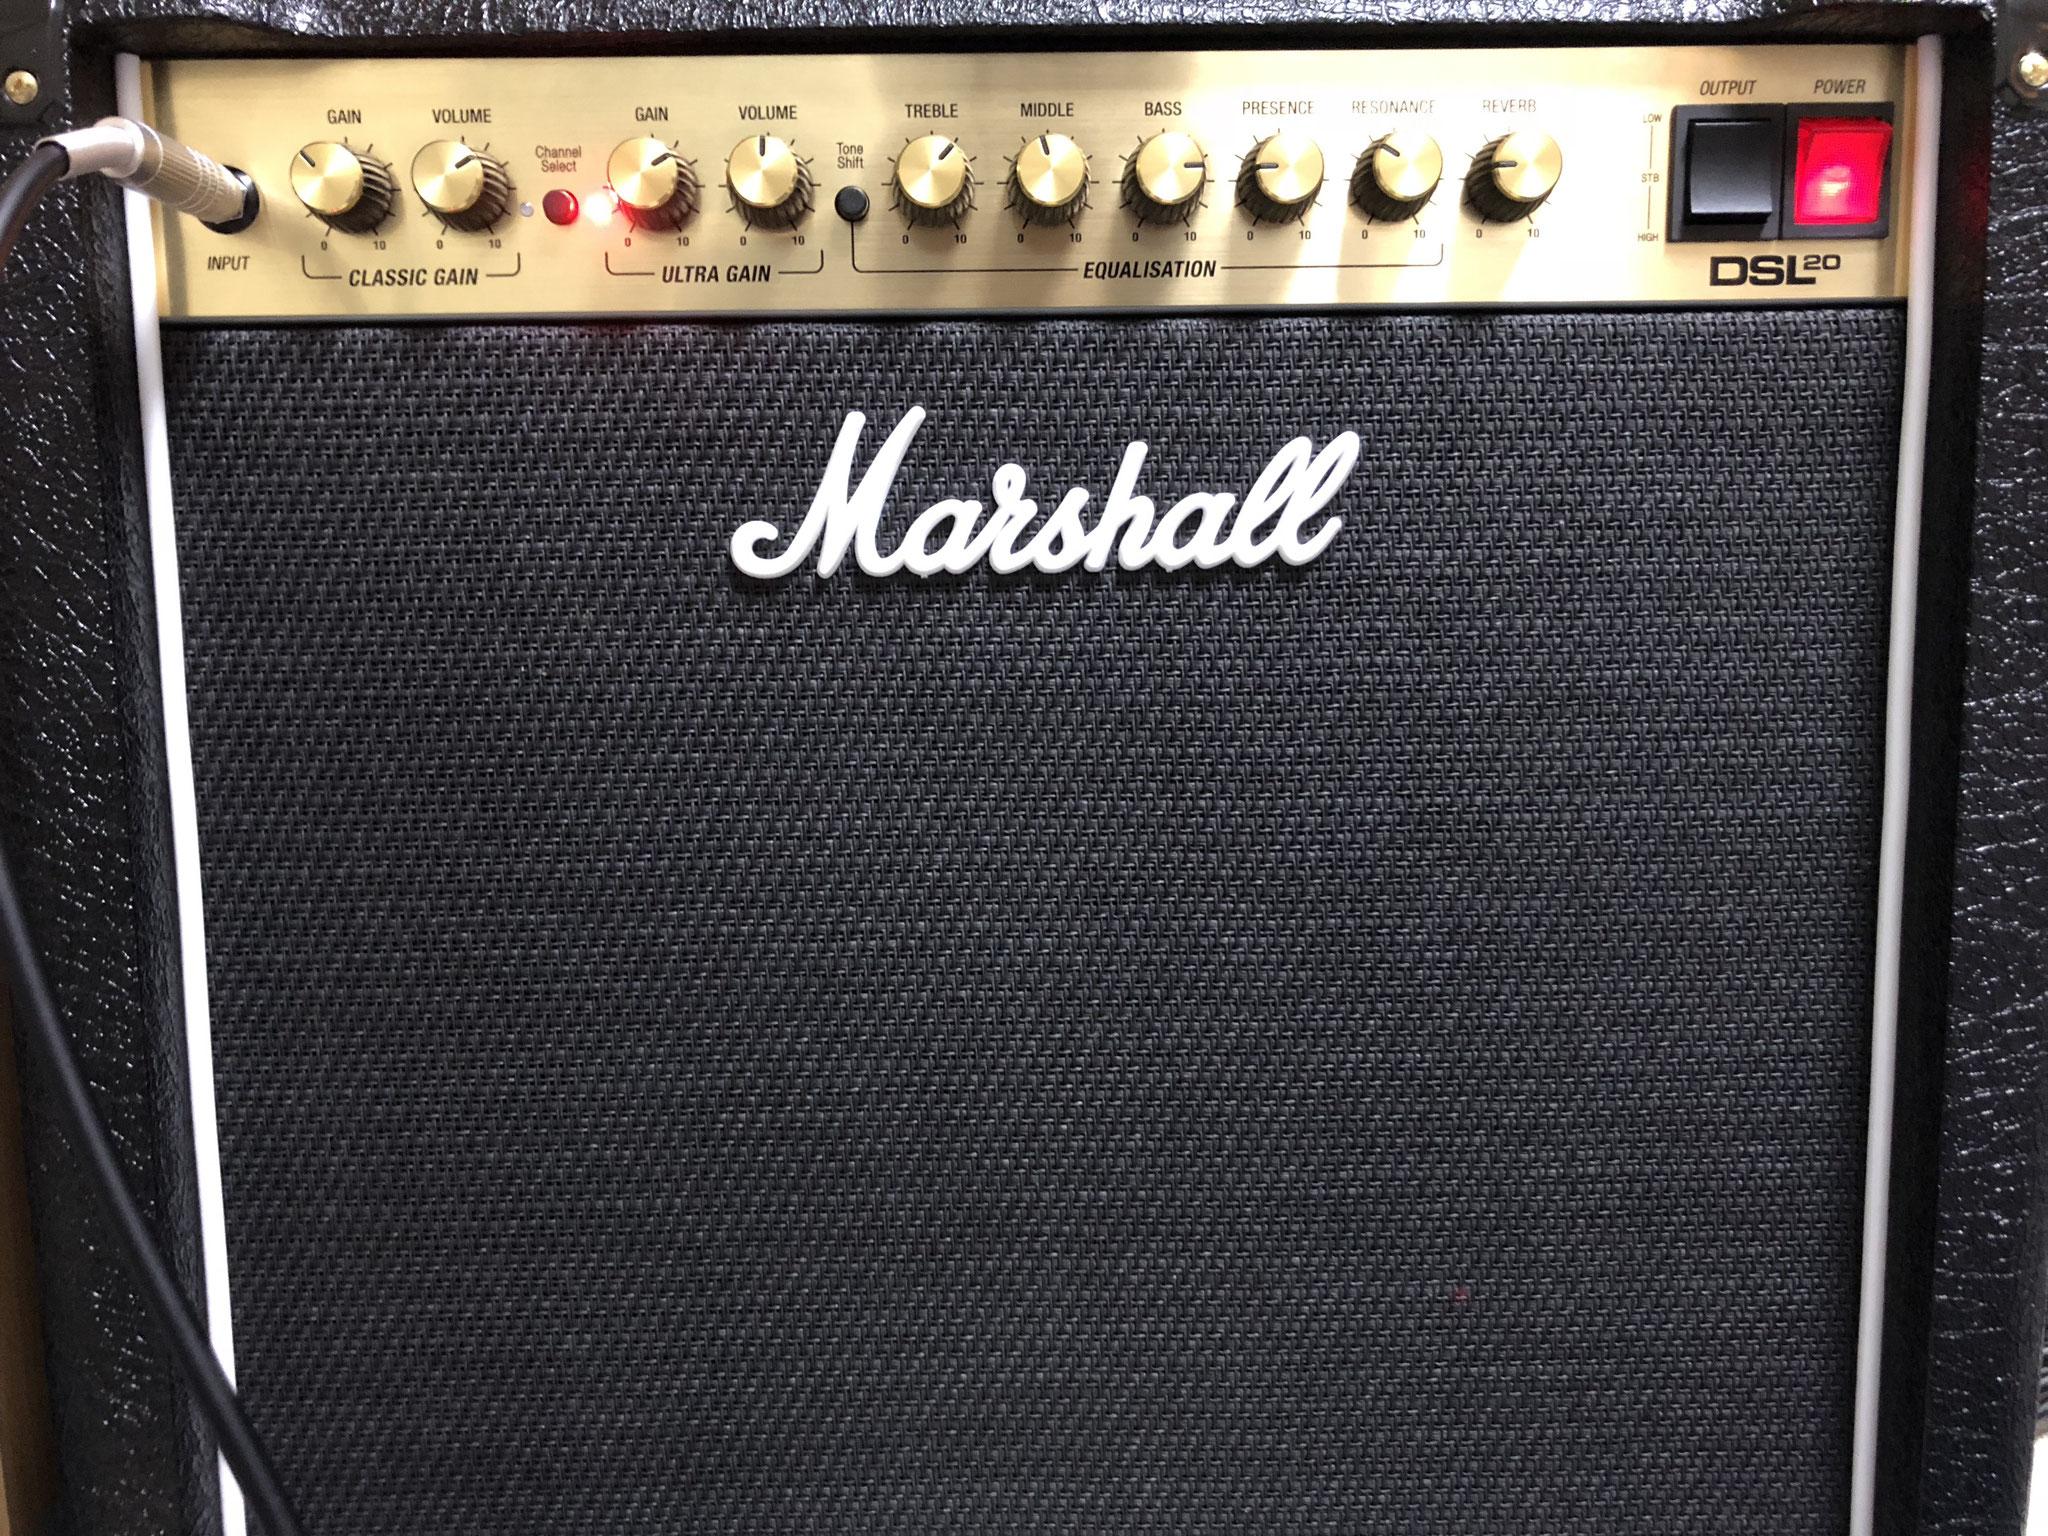 ギターアンプは定番マーシャルDSL チューブアンプのいい音を聴いてください